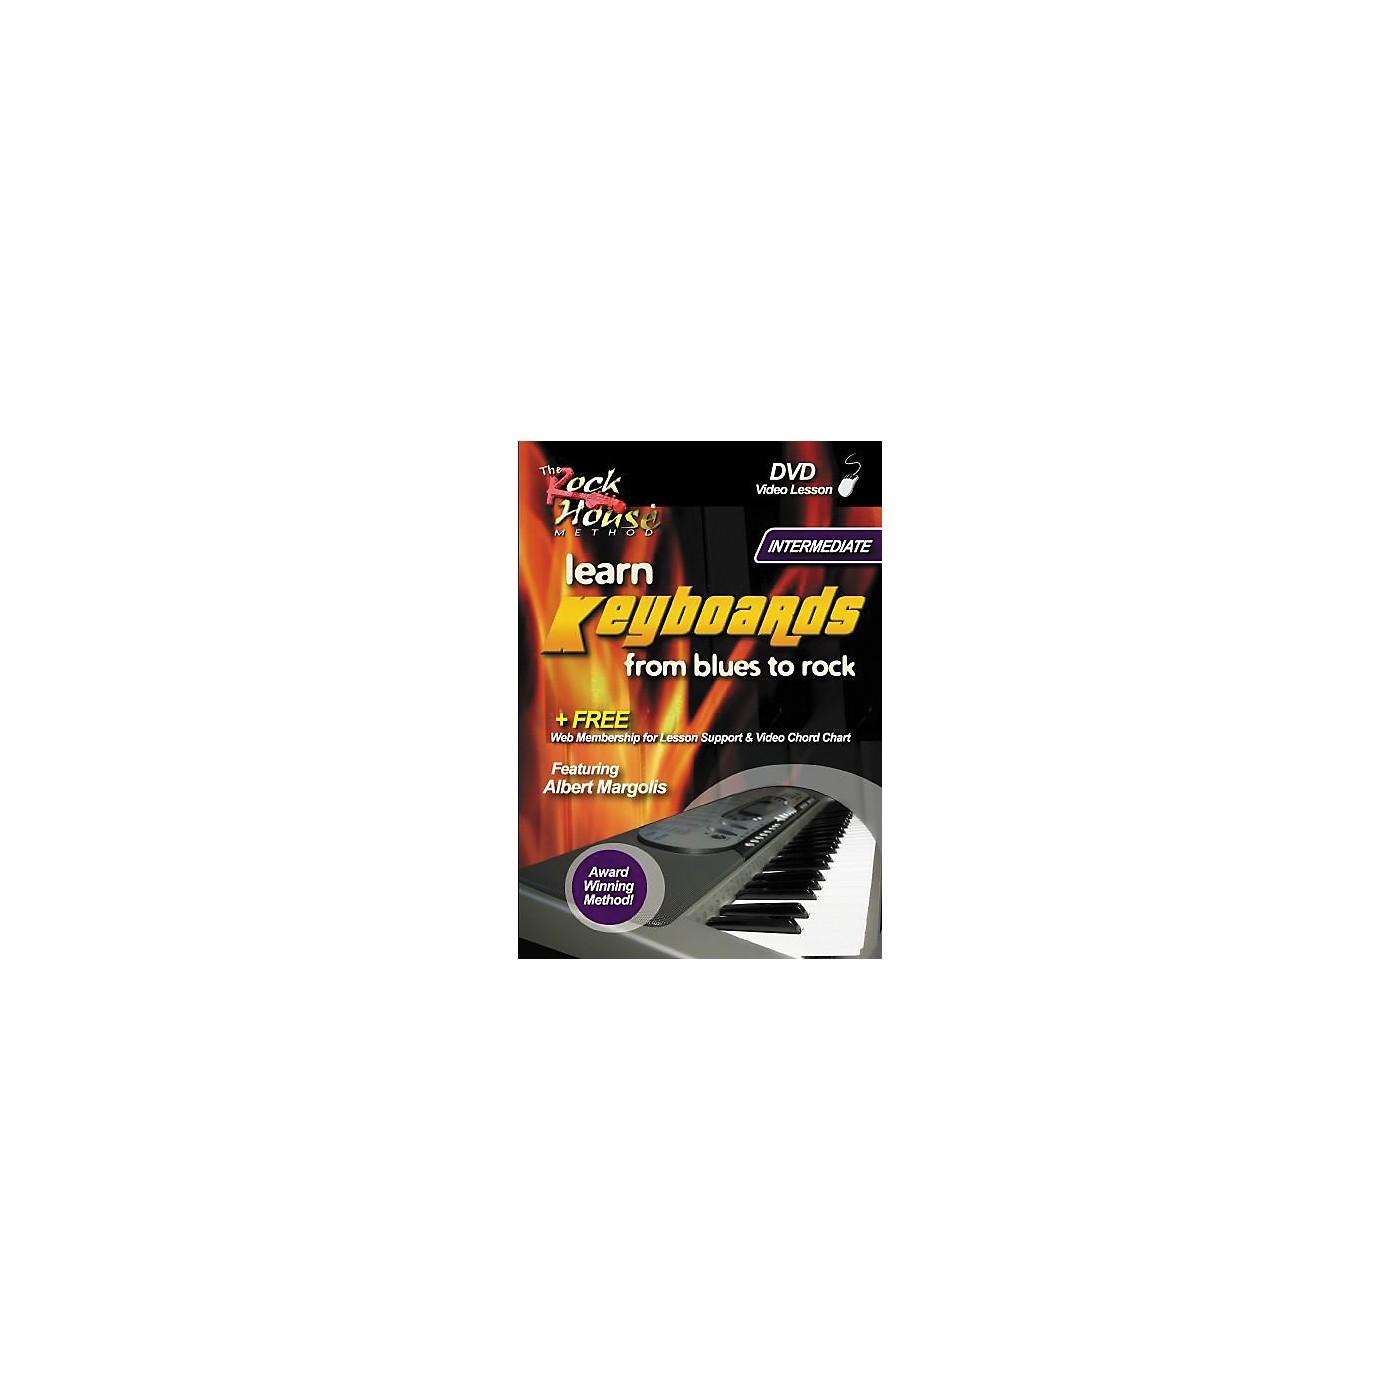 Hal Leonard Learn Keyboards From Blues to Rock Intermediate DVD thumbnail